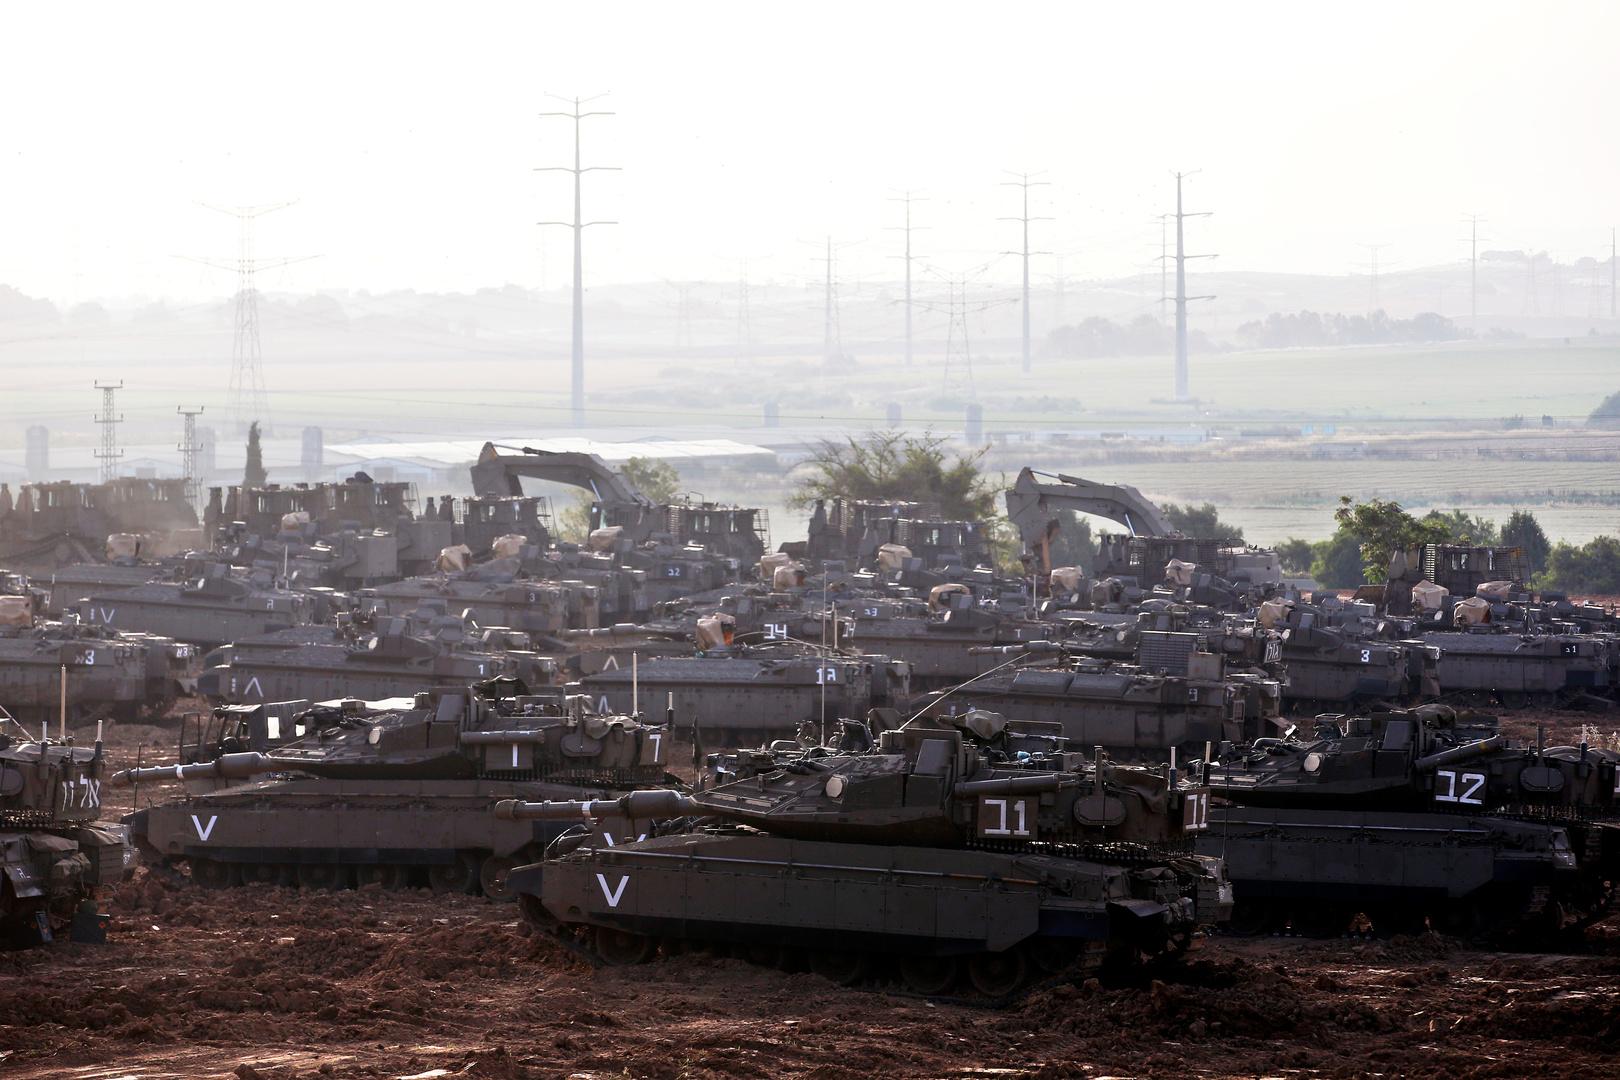 الجيش الإسرائيلي يتبنى اليوم خططا للتدخل البري في غزة